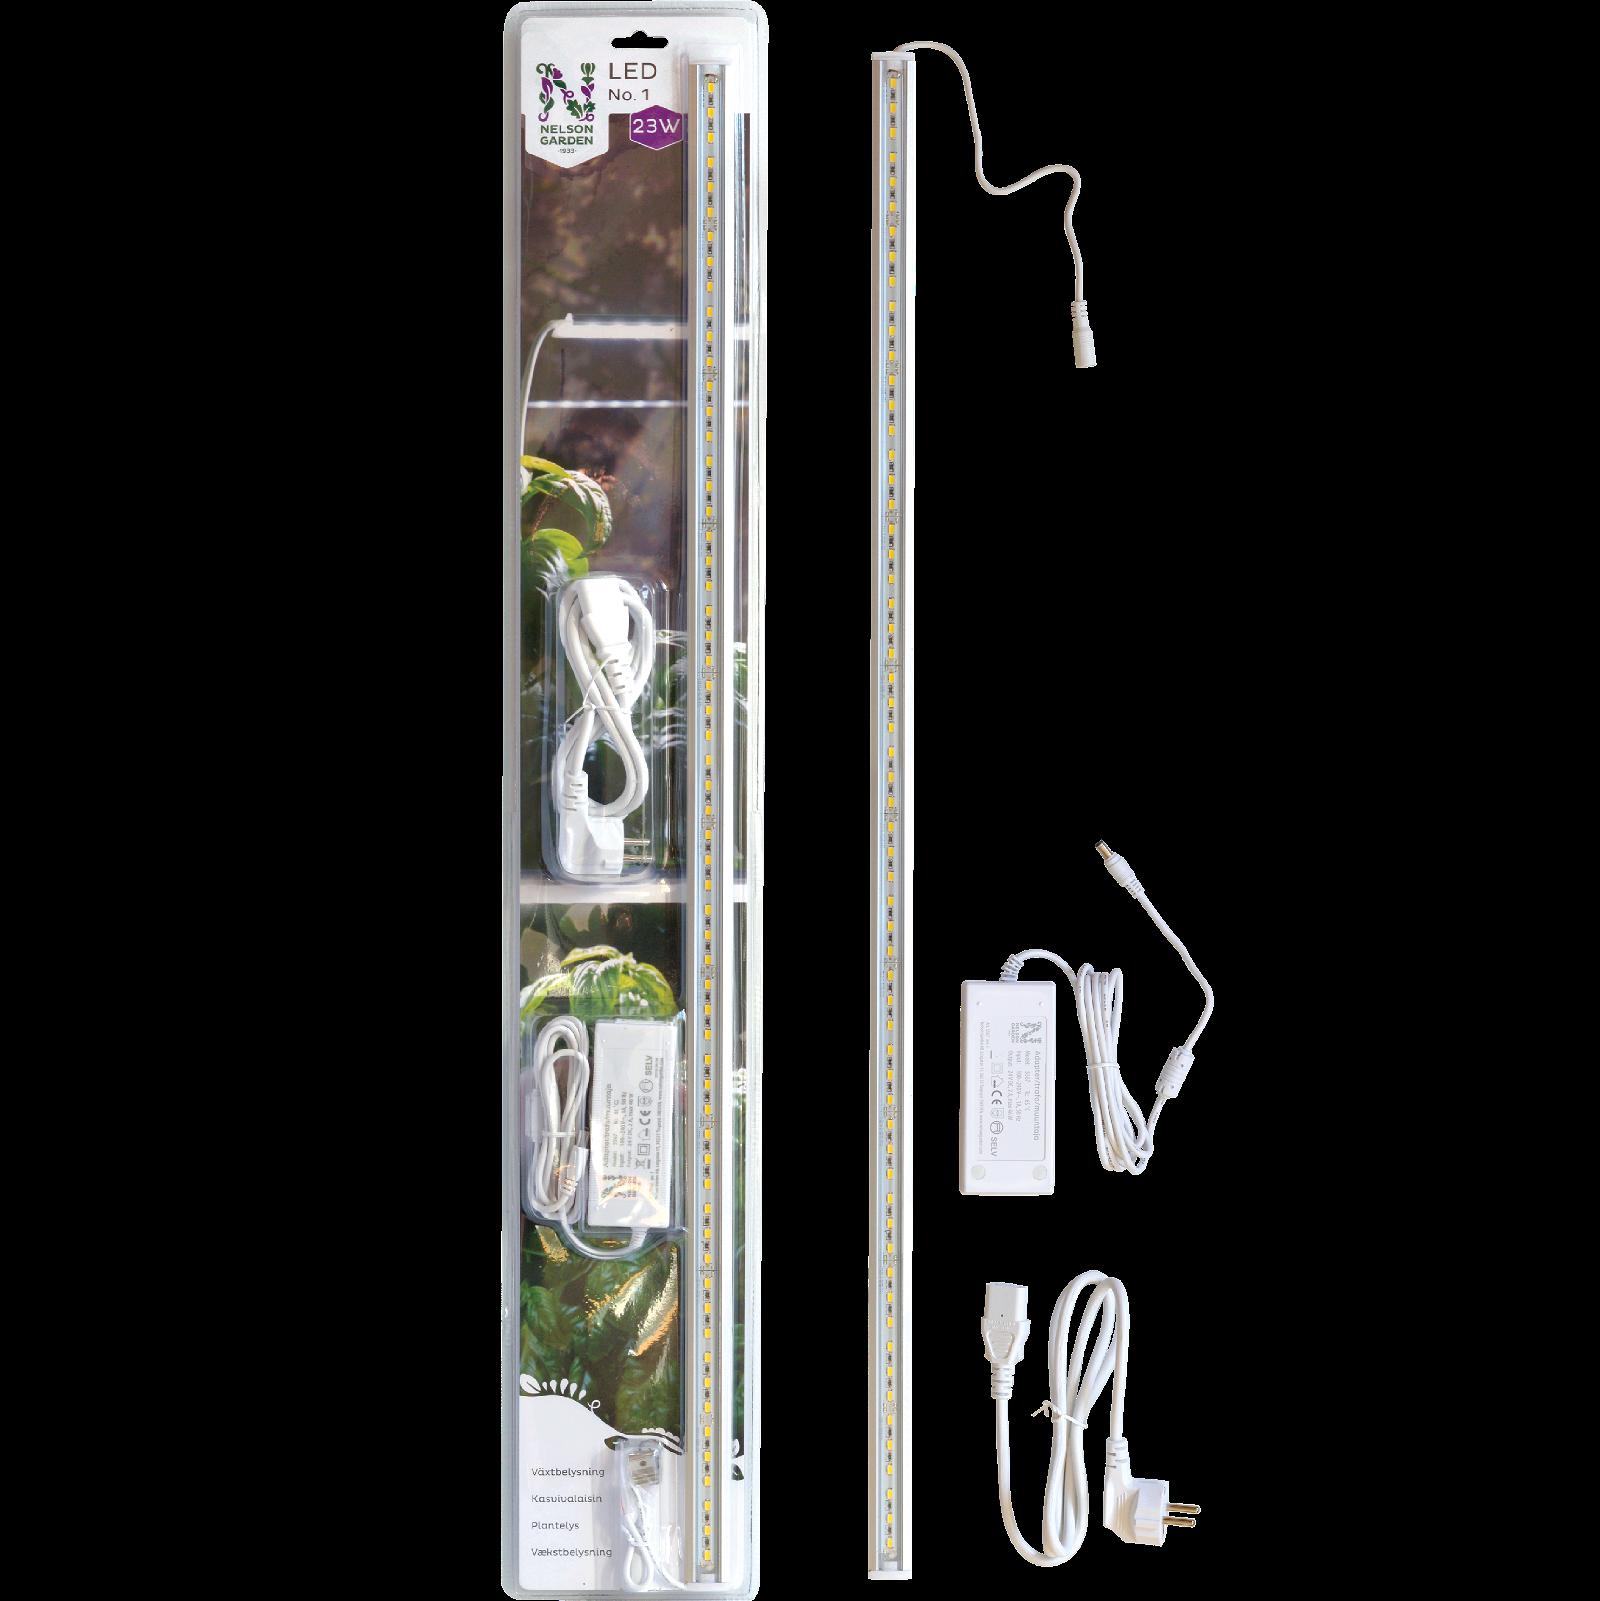 Vækstbelysning LED No.1, 85 cm 23 w med adapter